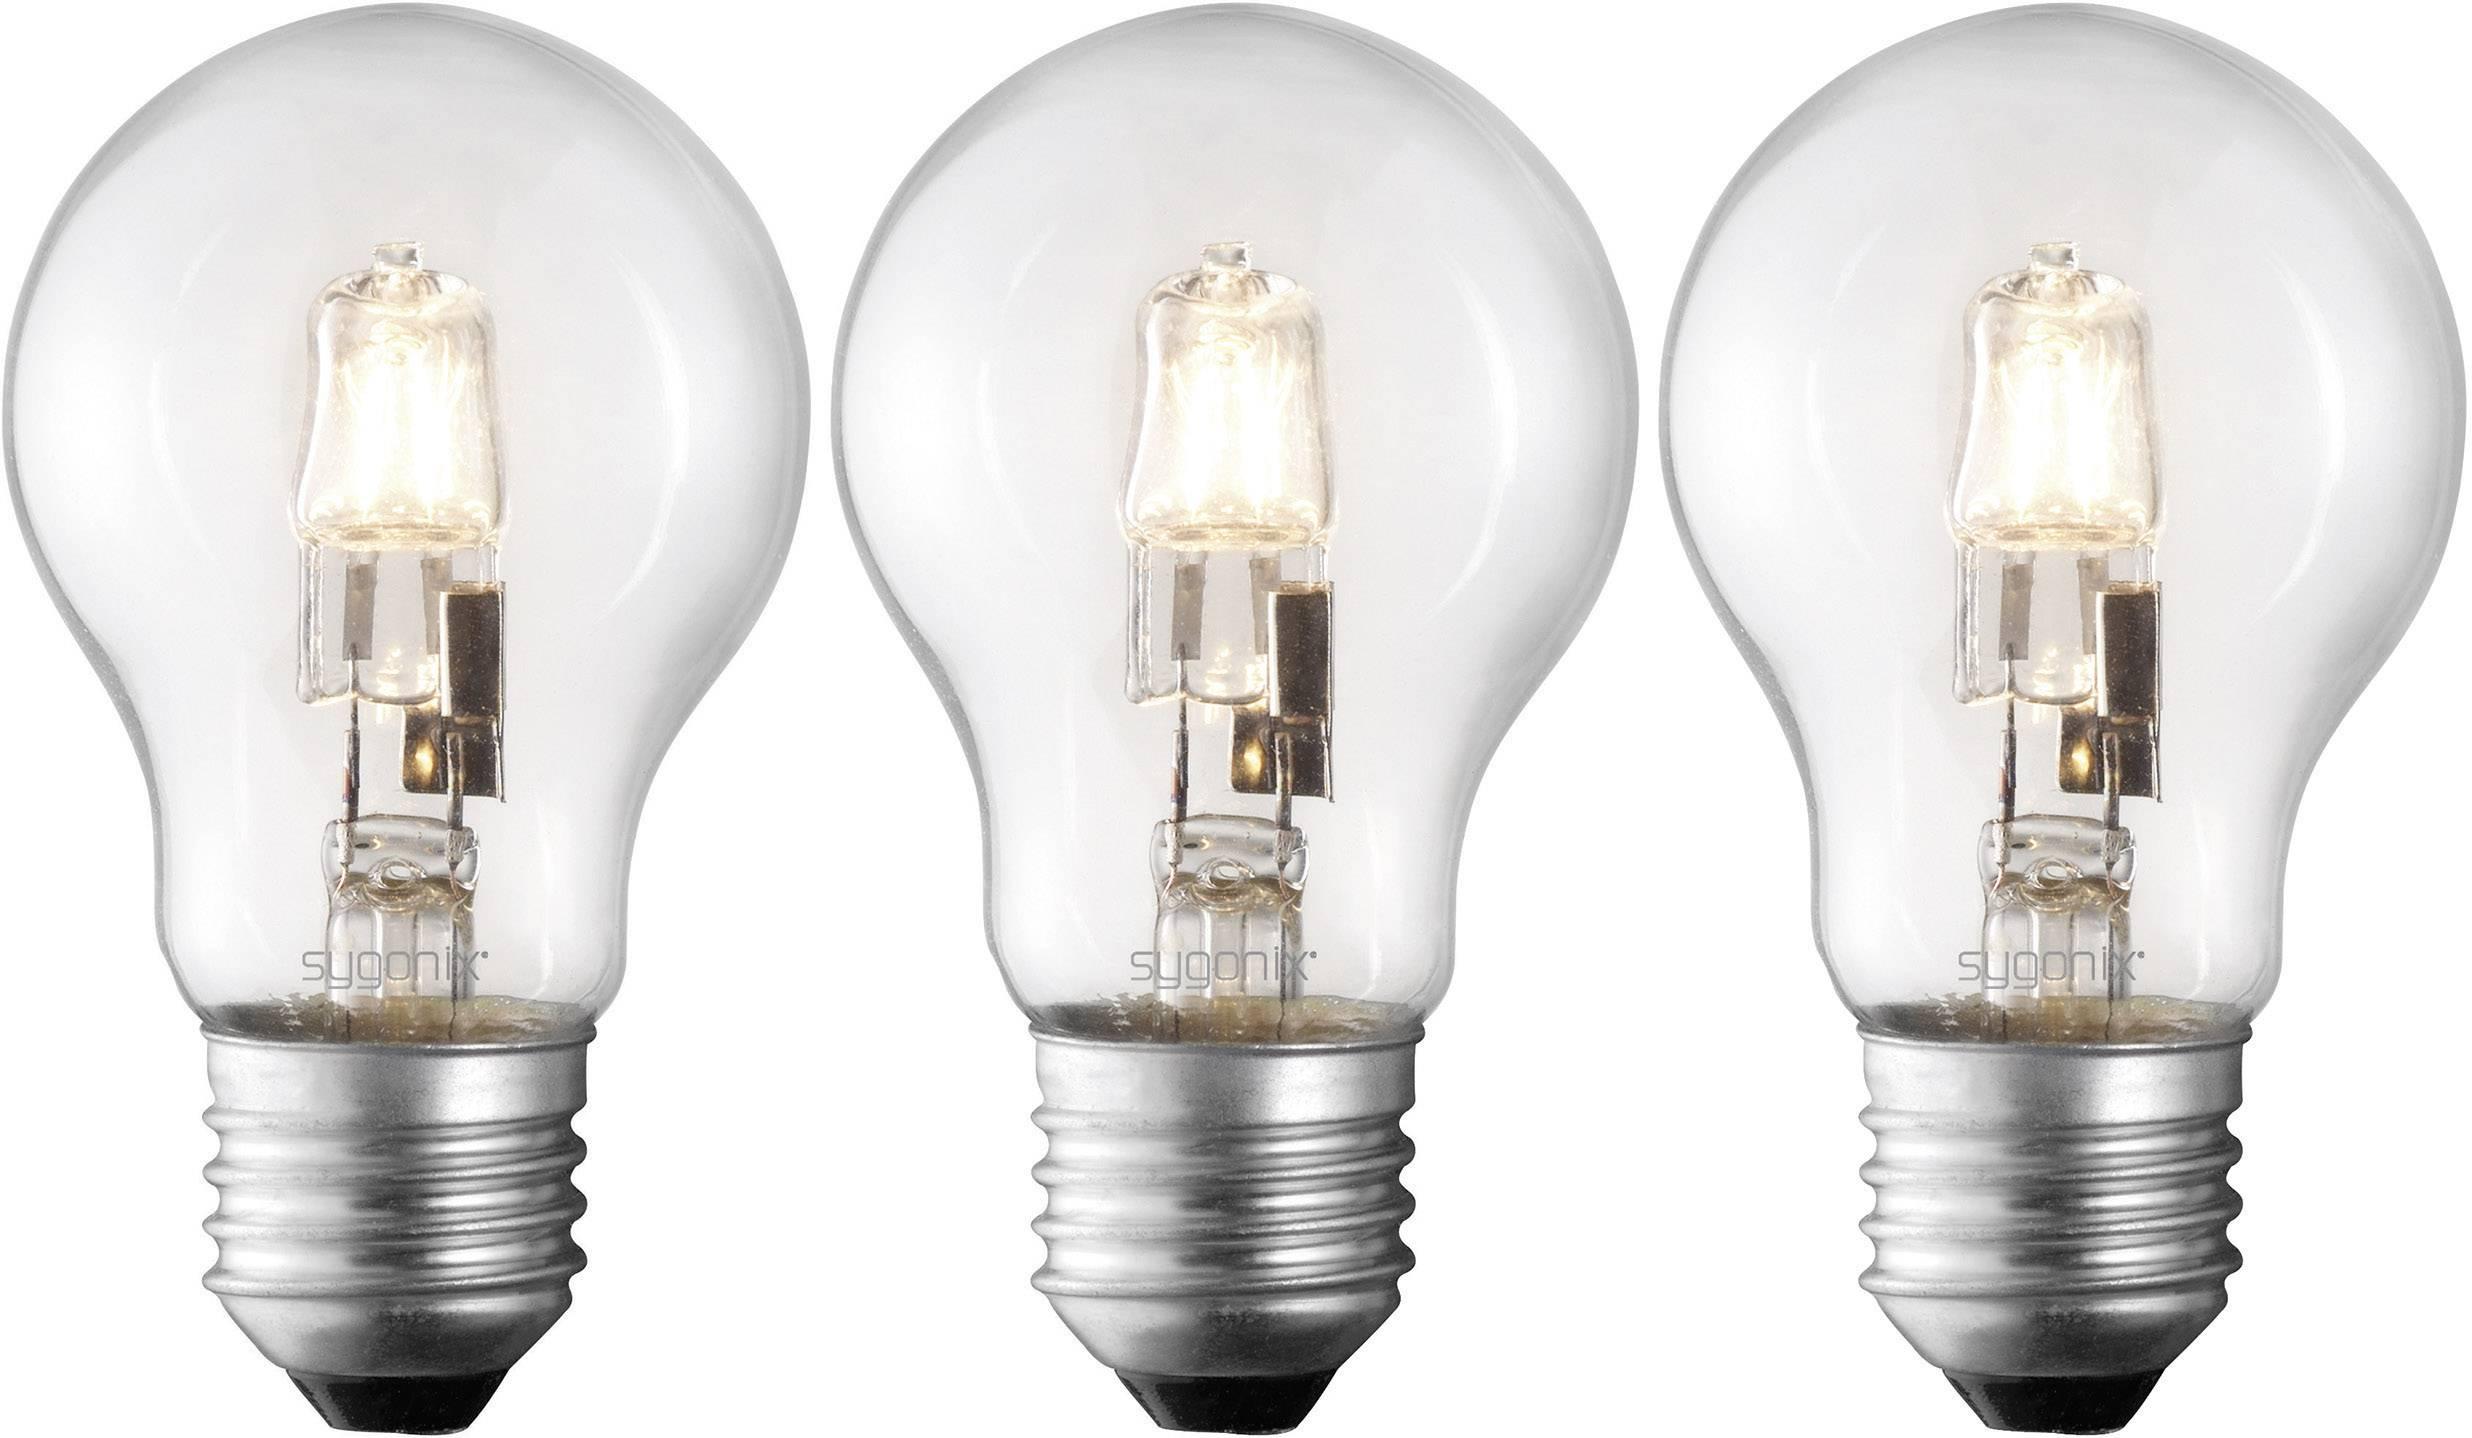 ECO halogénová žiarovka Sygonix 230 V, E27, 42 W, en.trieda: C, teplá biela, 3 ks